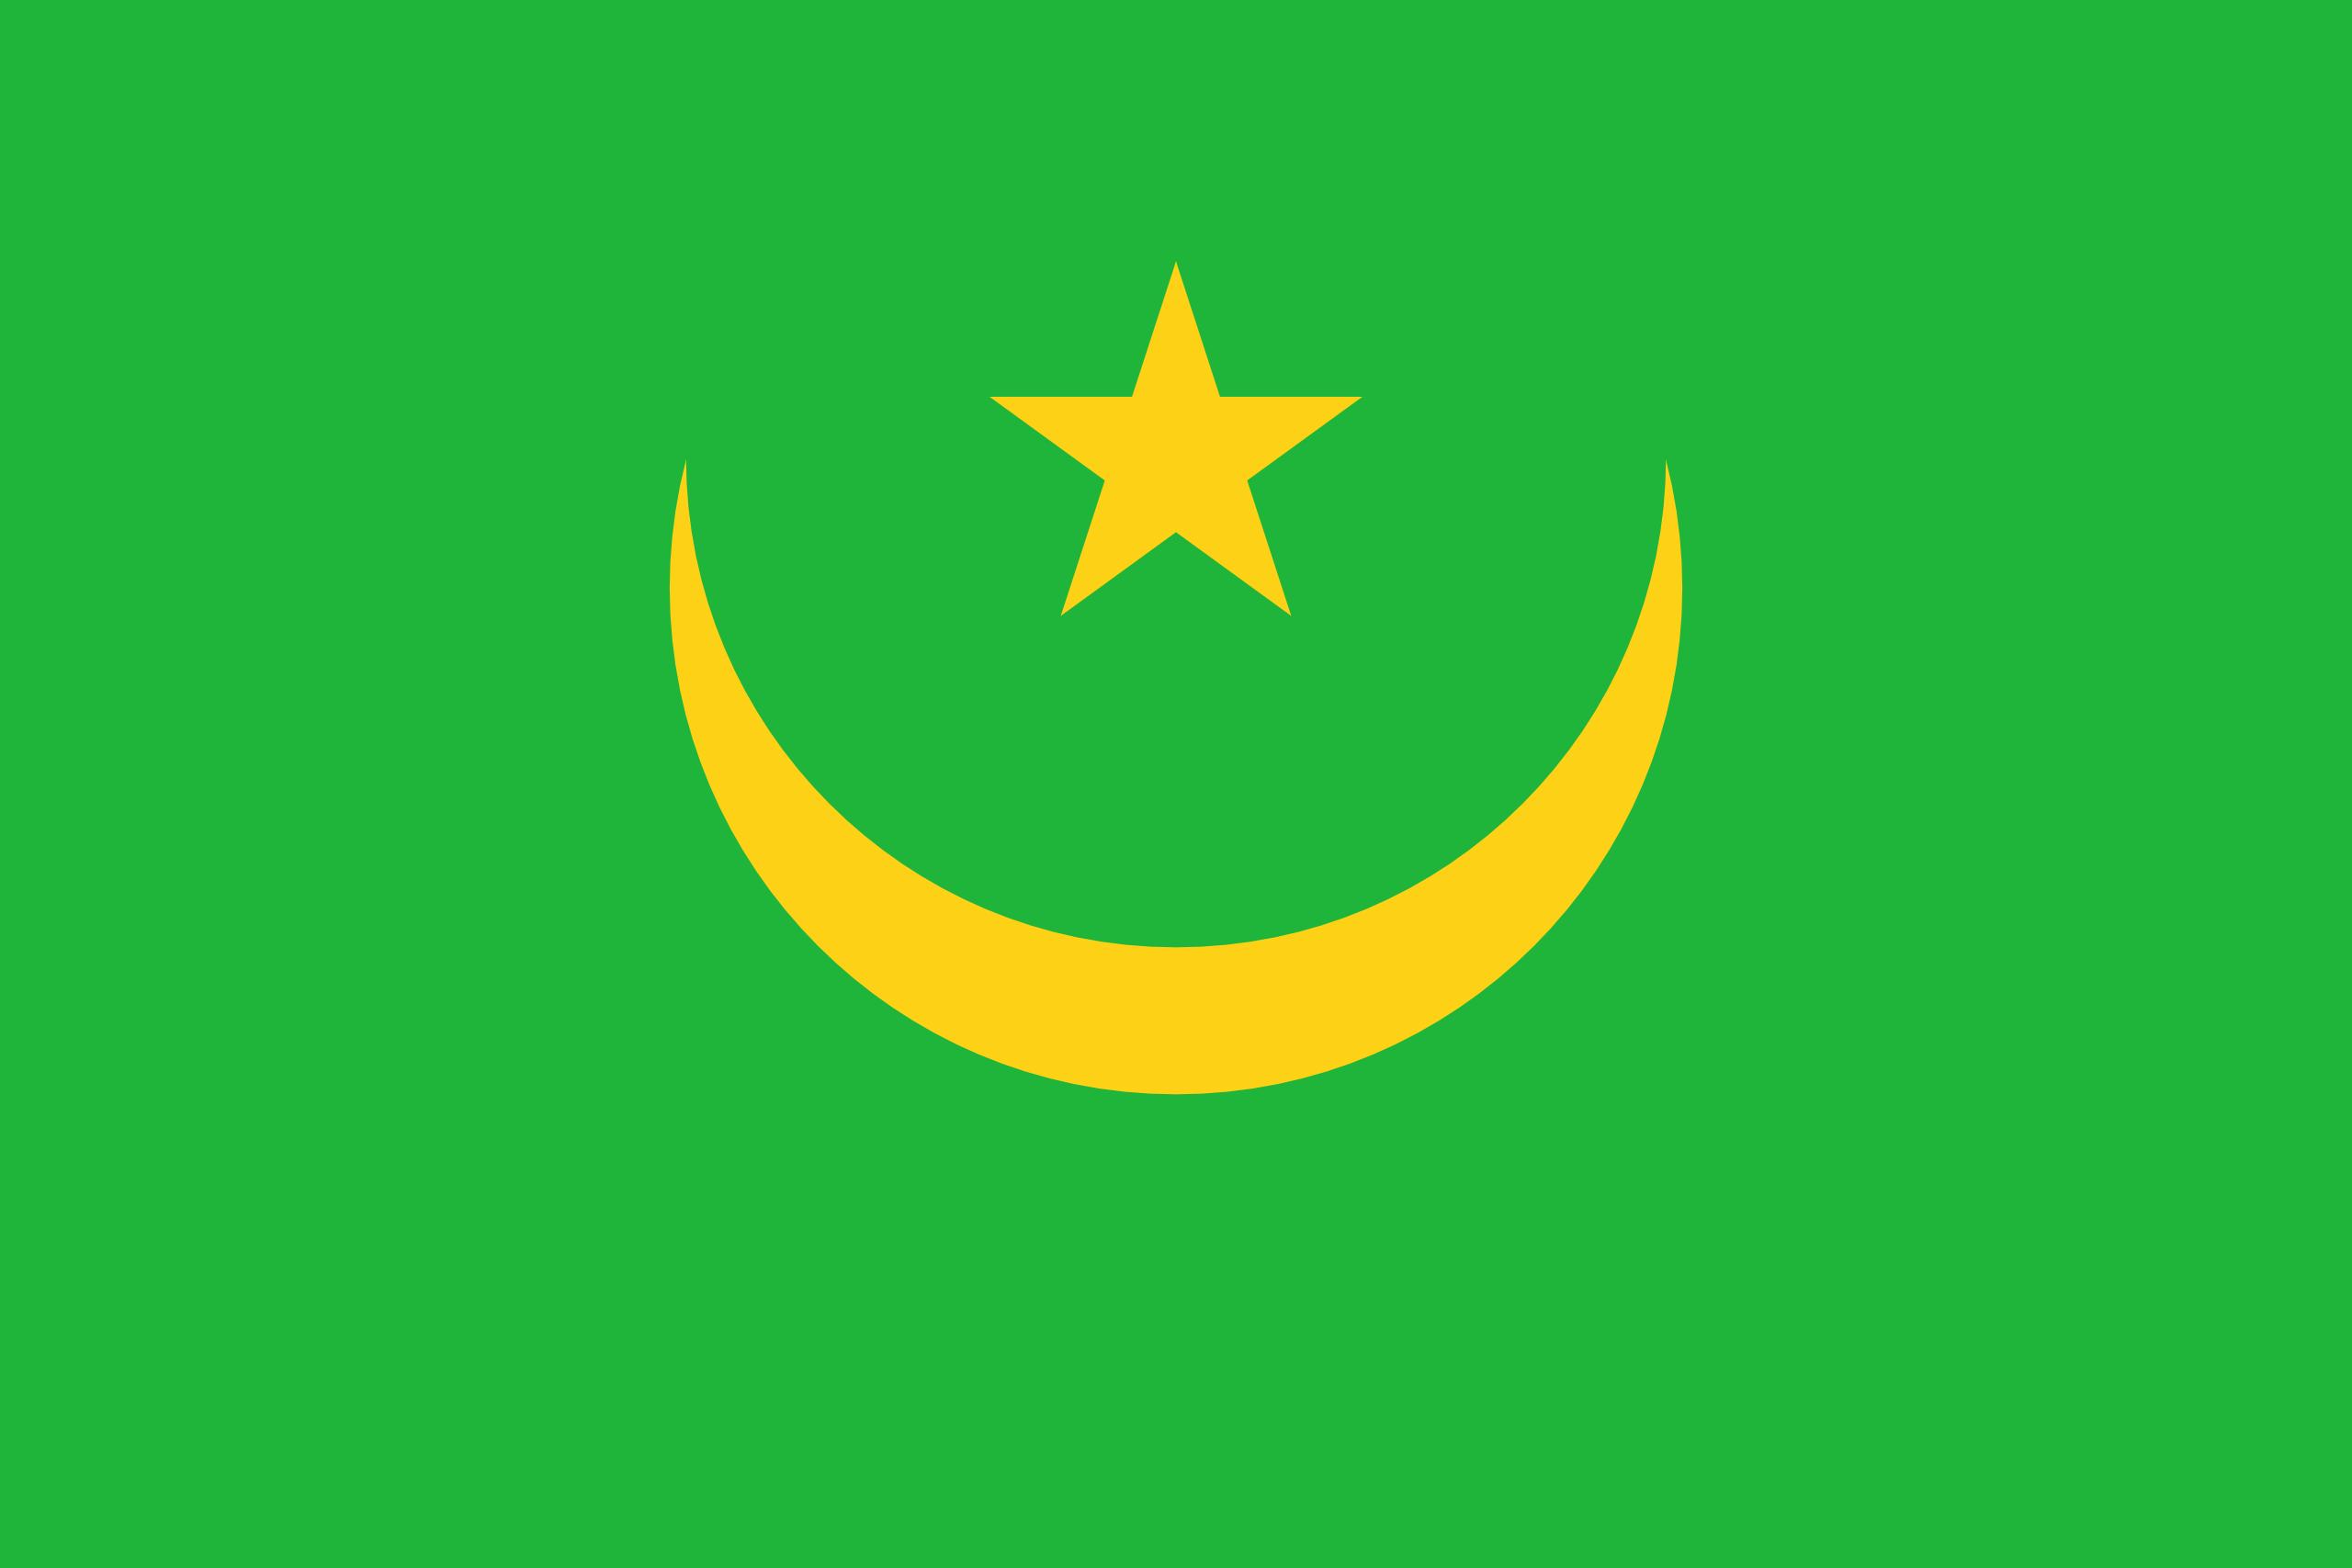 mauritania, 国家, 会徽, 徽标, 符号 - 高清壁纸 - 教授-falken.com